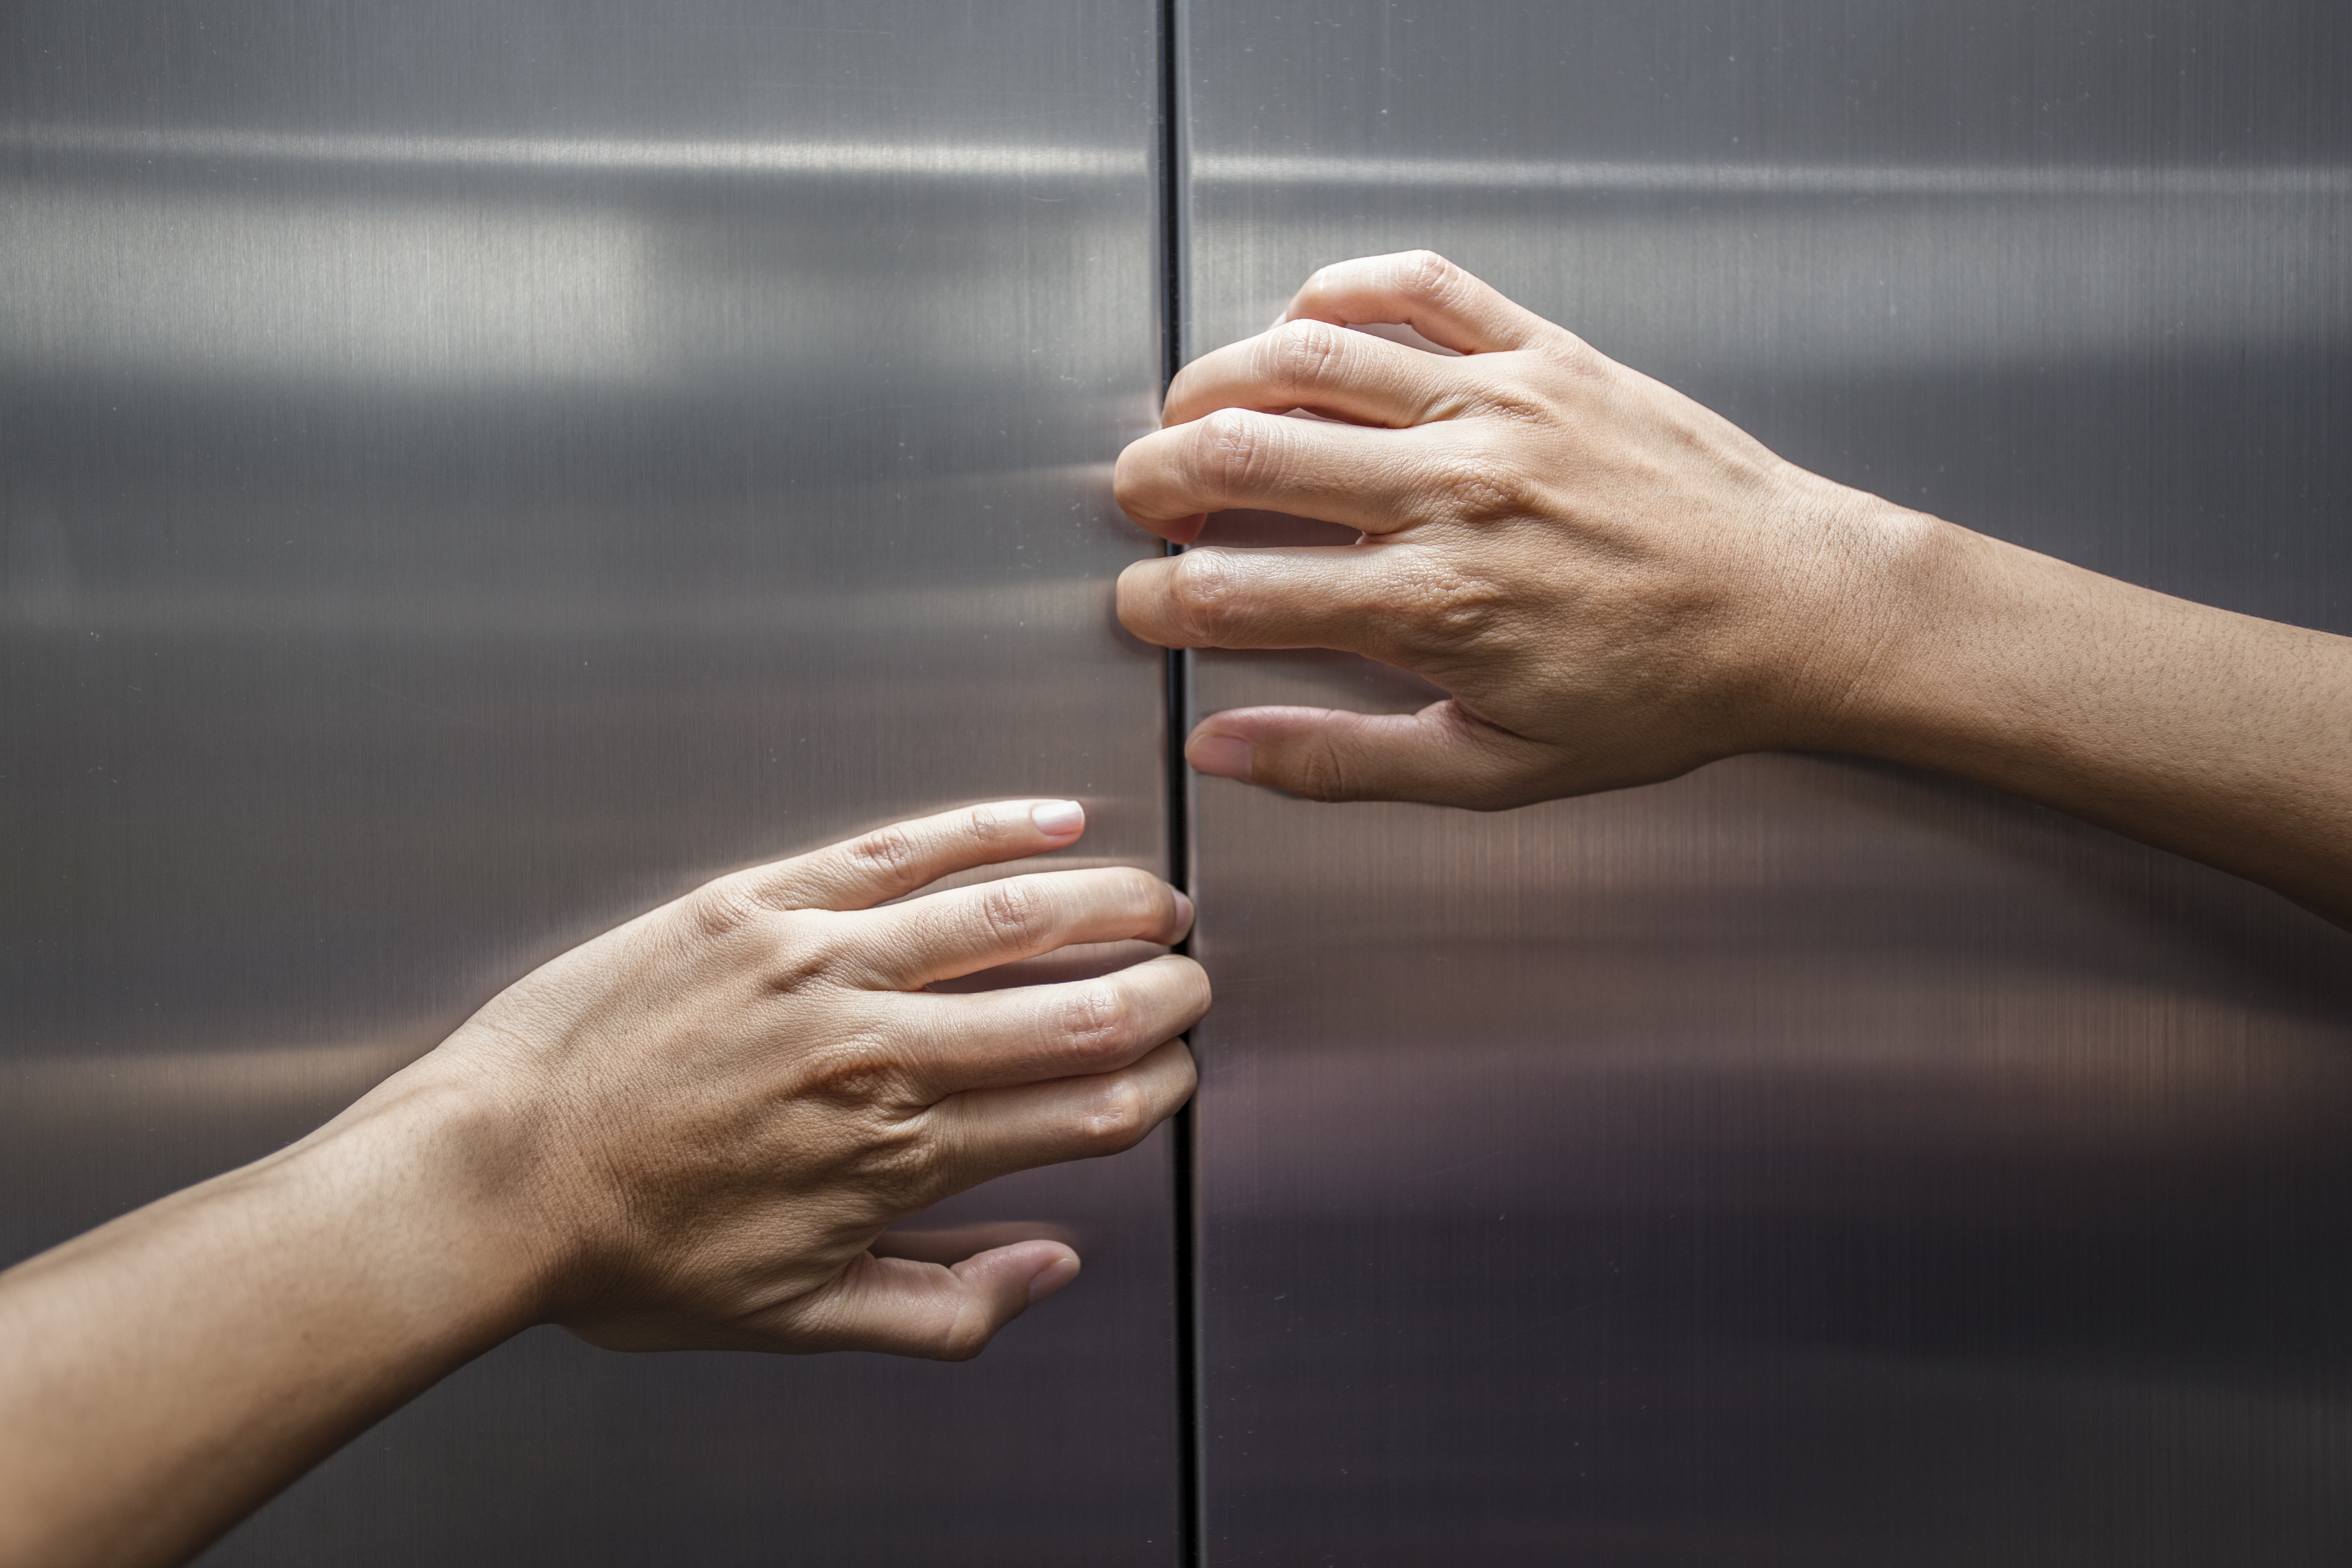 Cadavrul unei femei, descoperit dupa 30 de zile intr-un lift, in China. Care este misterul mortii ei